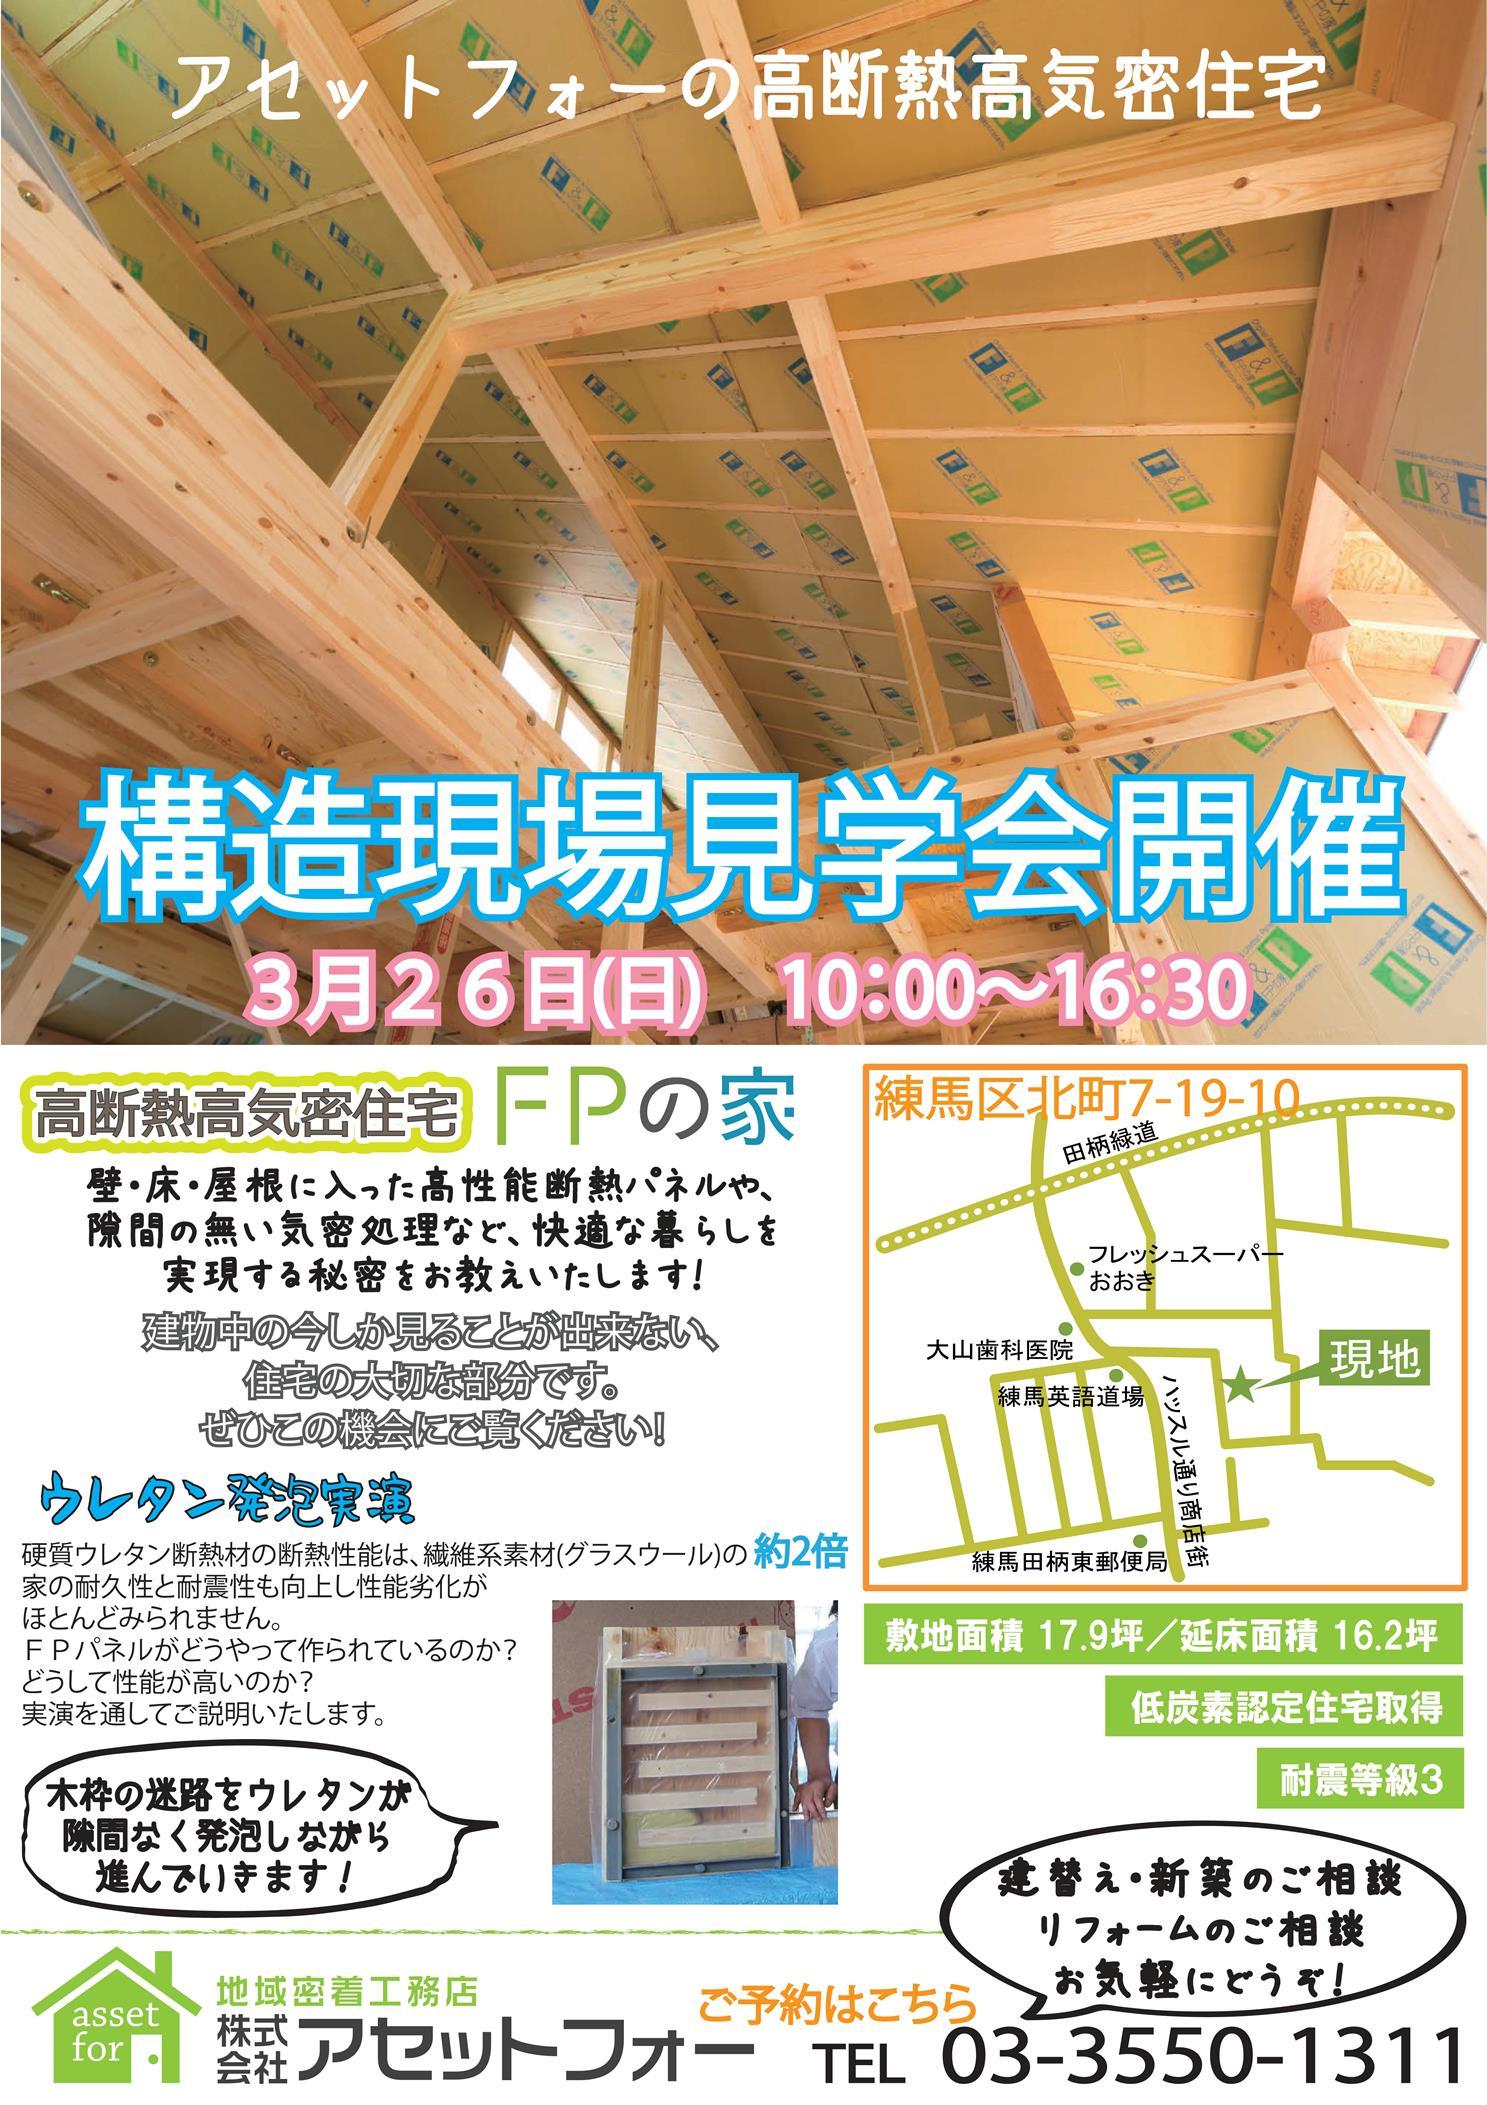 3月26日(日)練馬区北町 「FPの家」構造見学会!